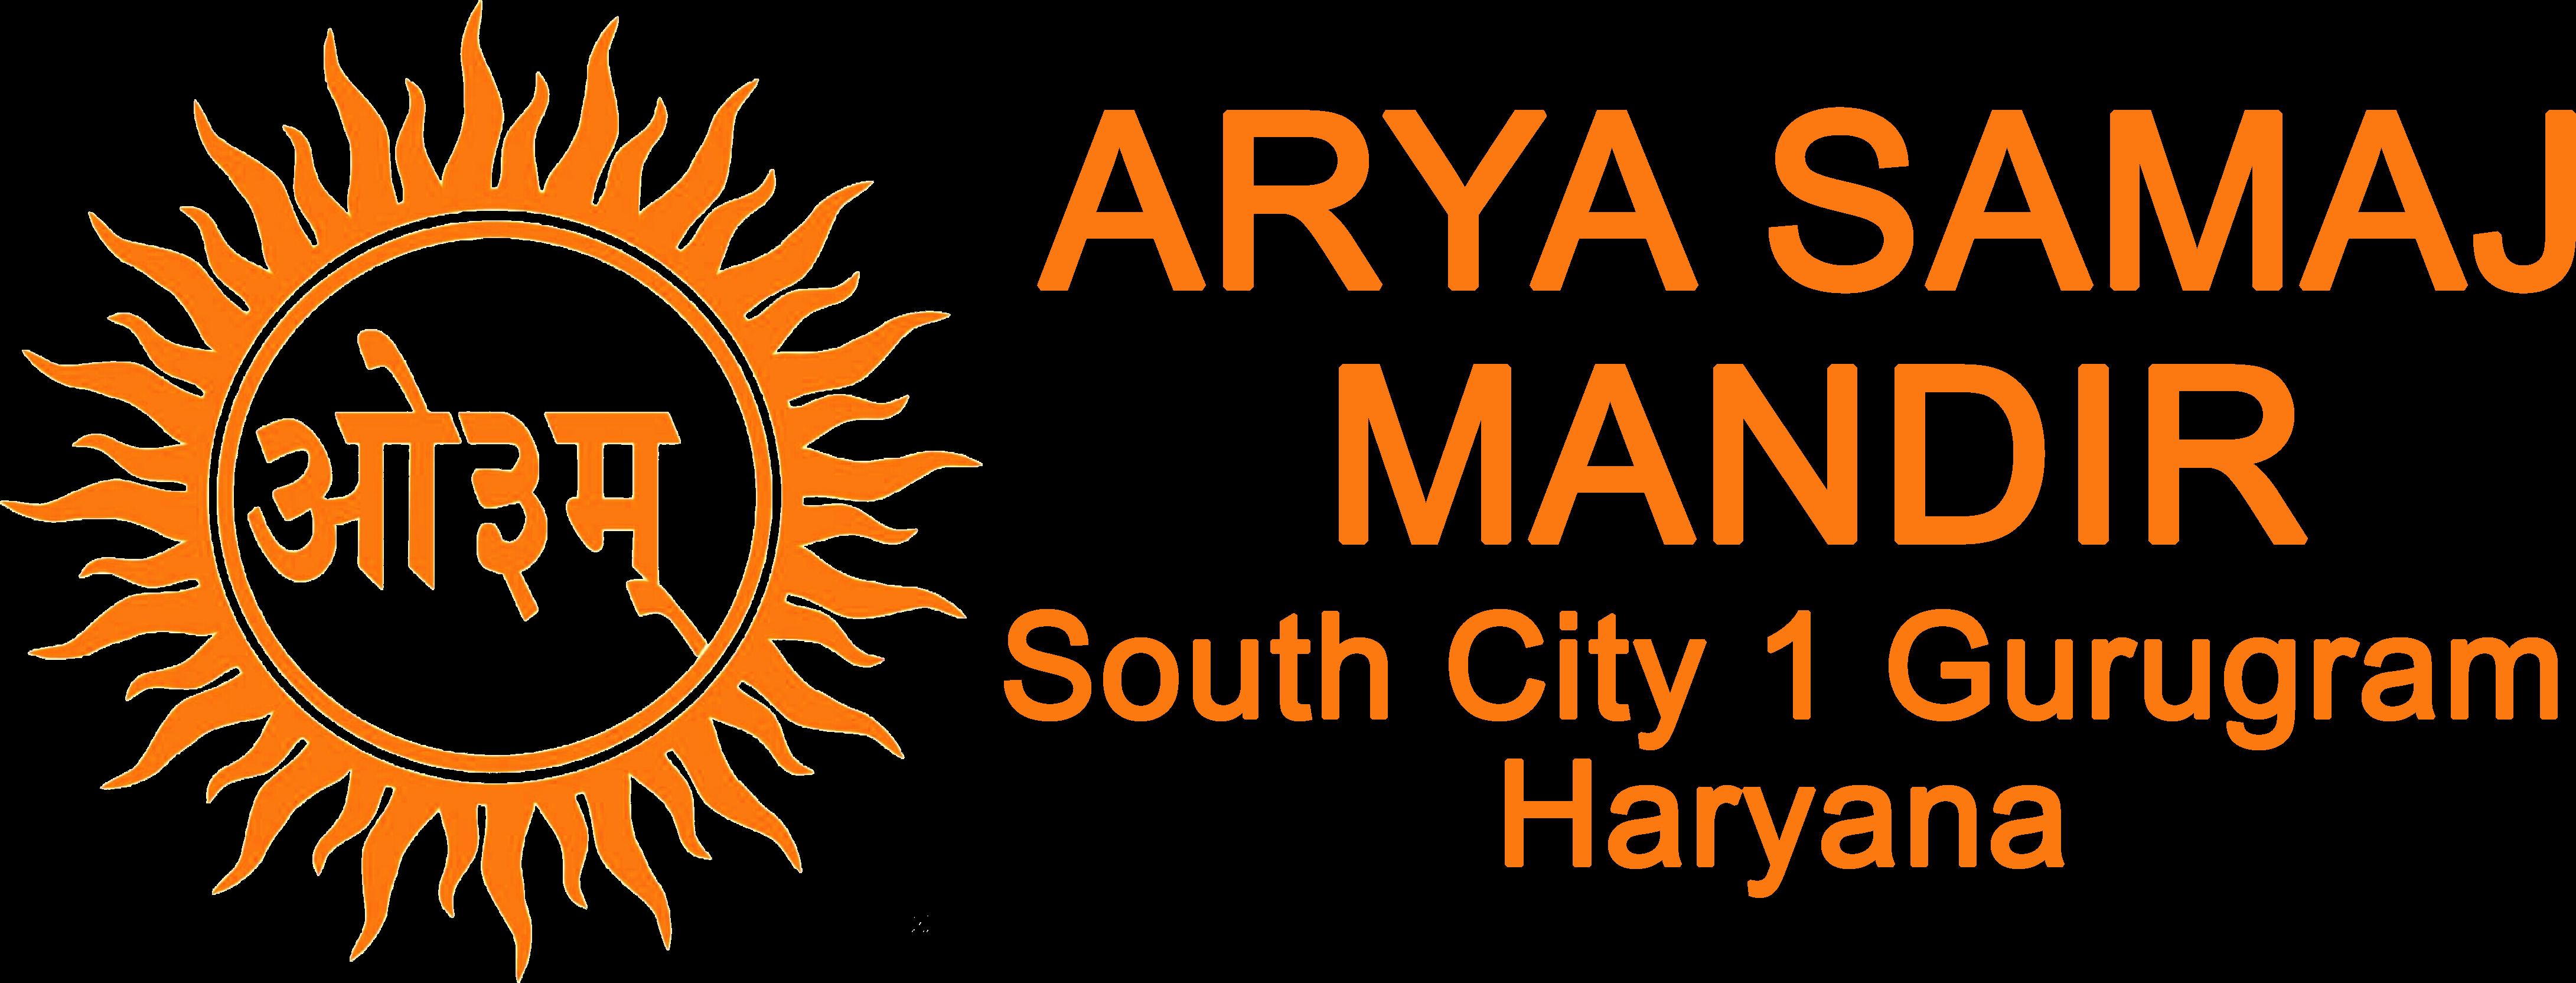 Arya Samaj Mandir